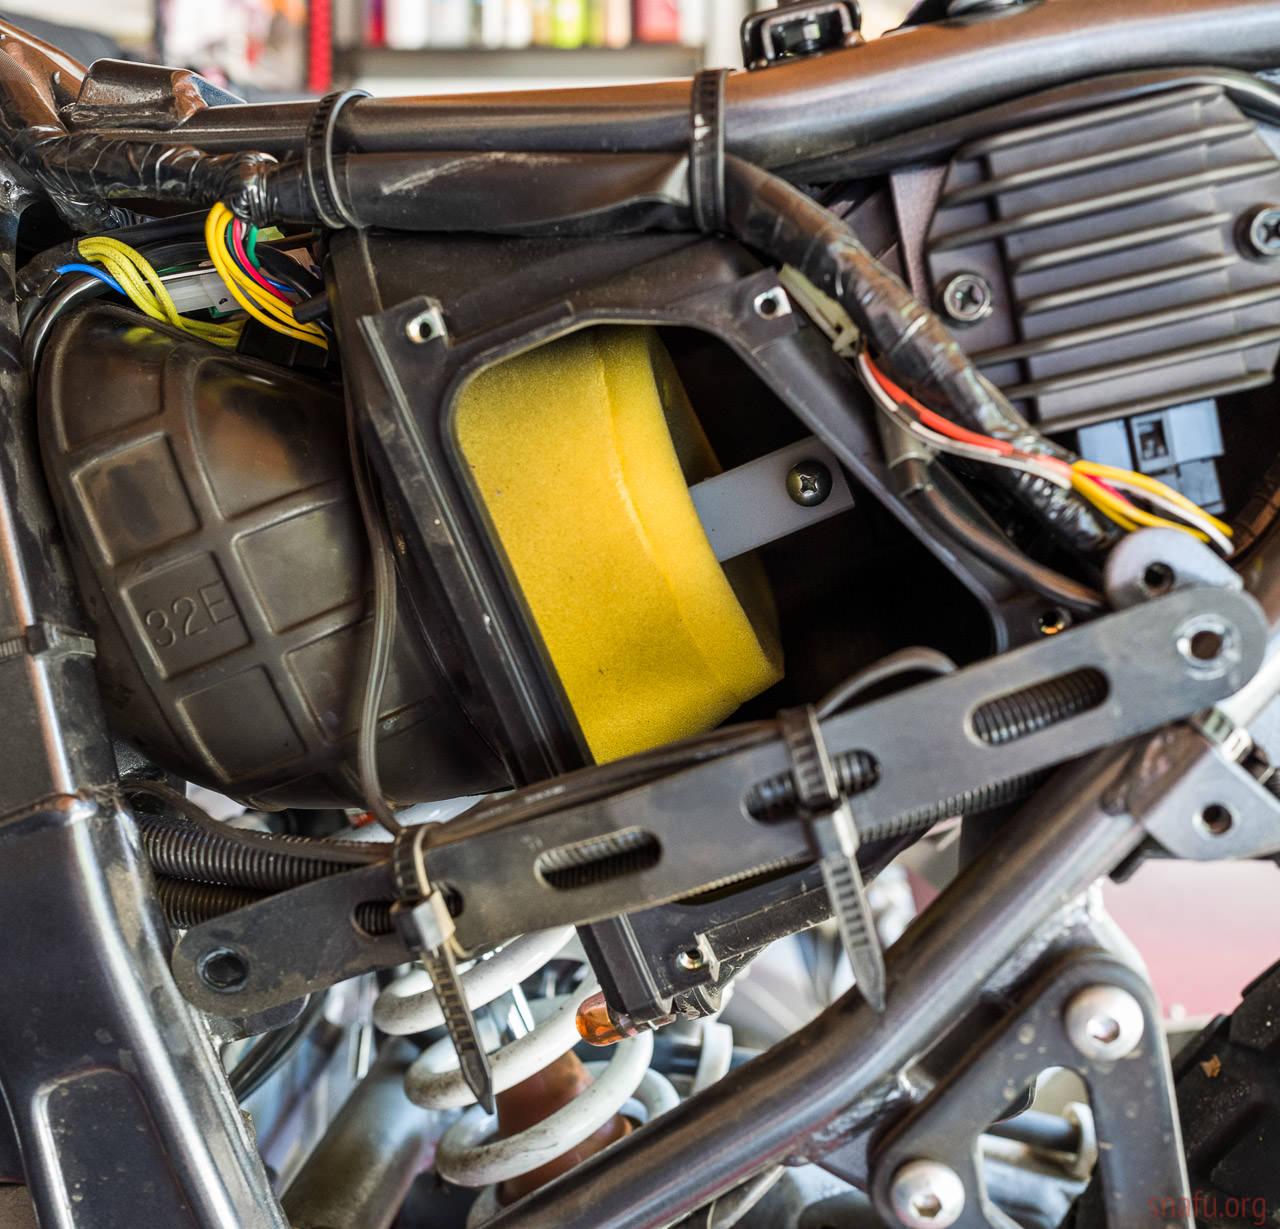 Draining The Suzuki Dfa Carburators